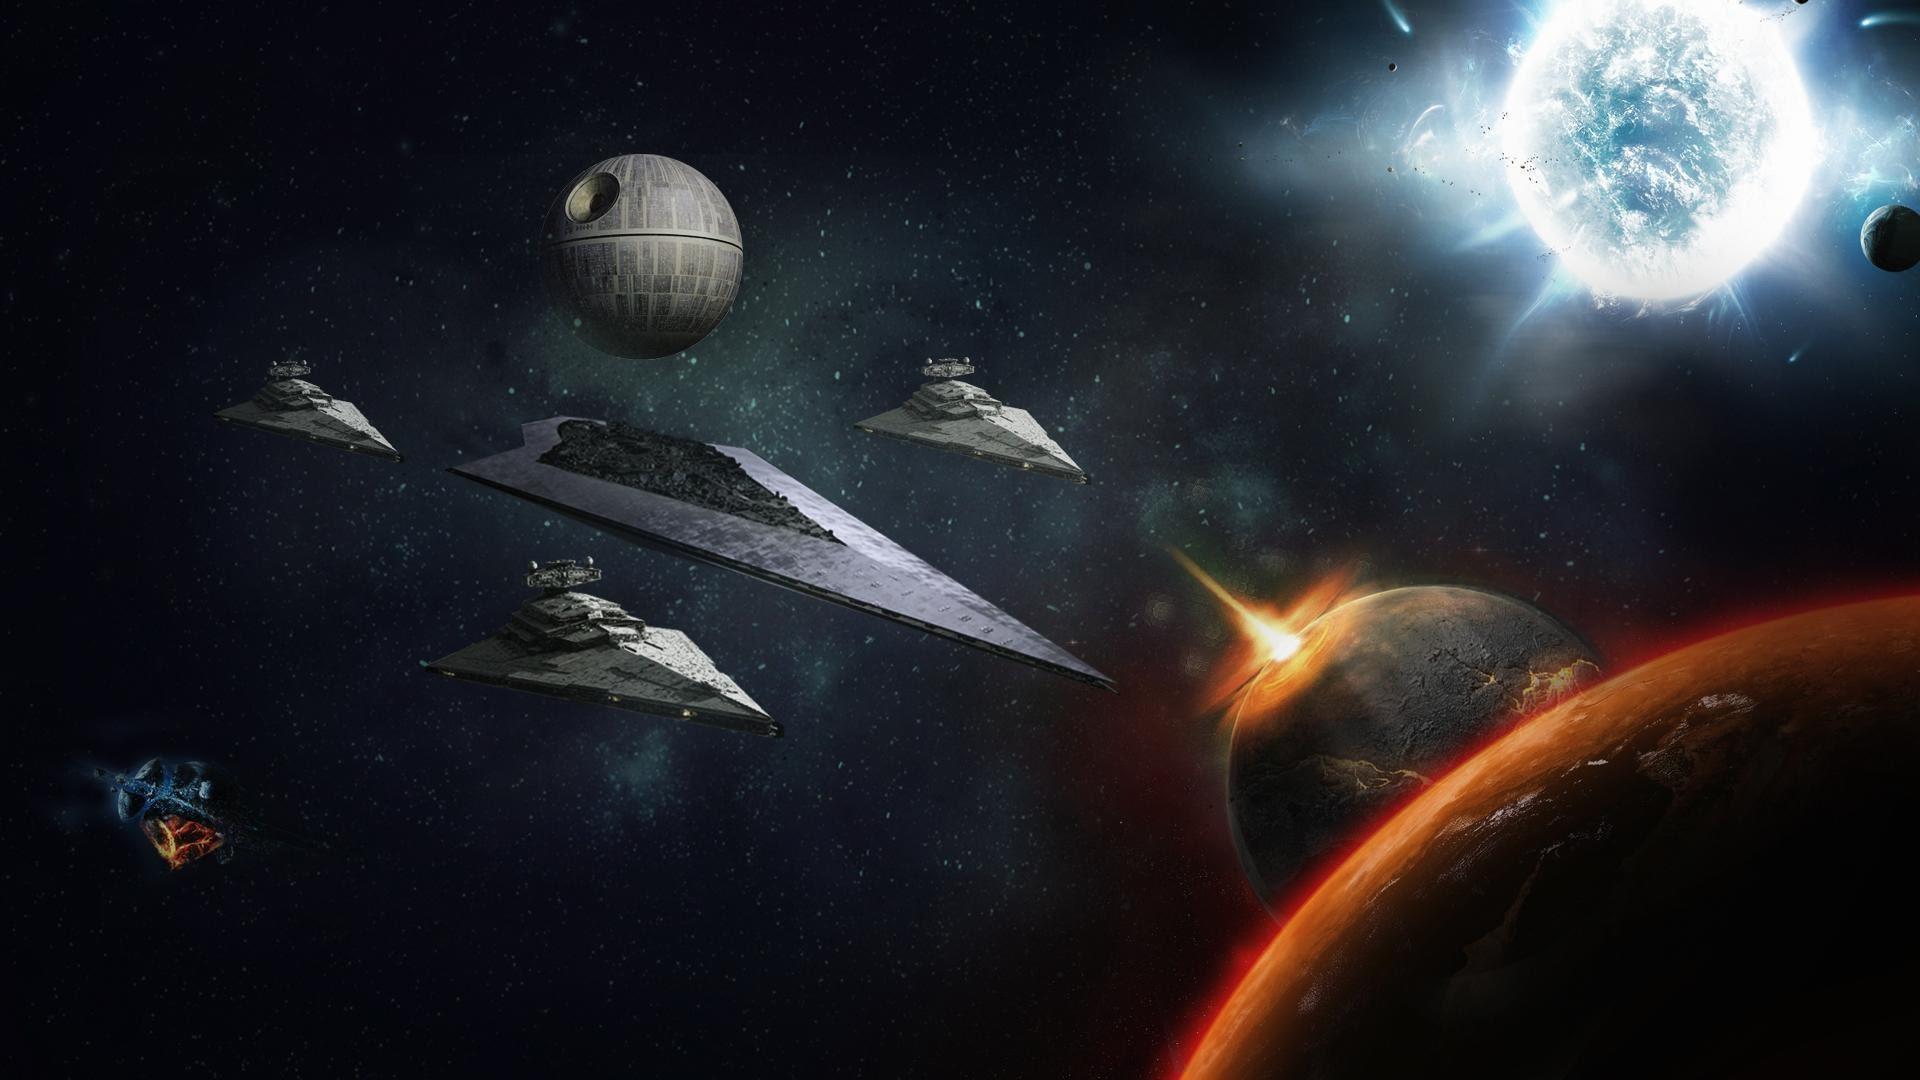 Super Star Destroyer Wallpaper 71 Images